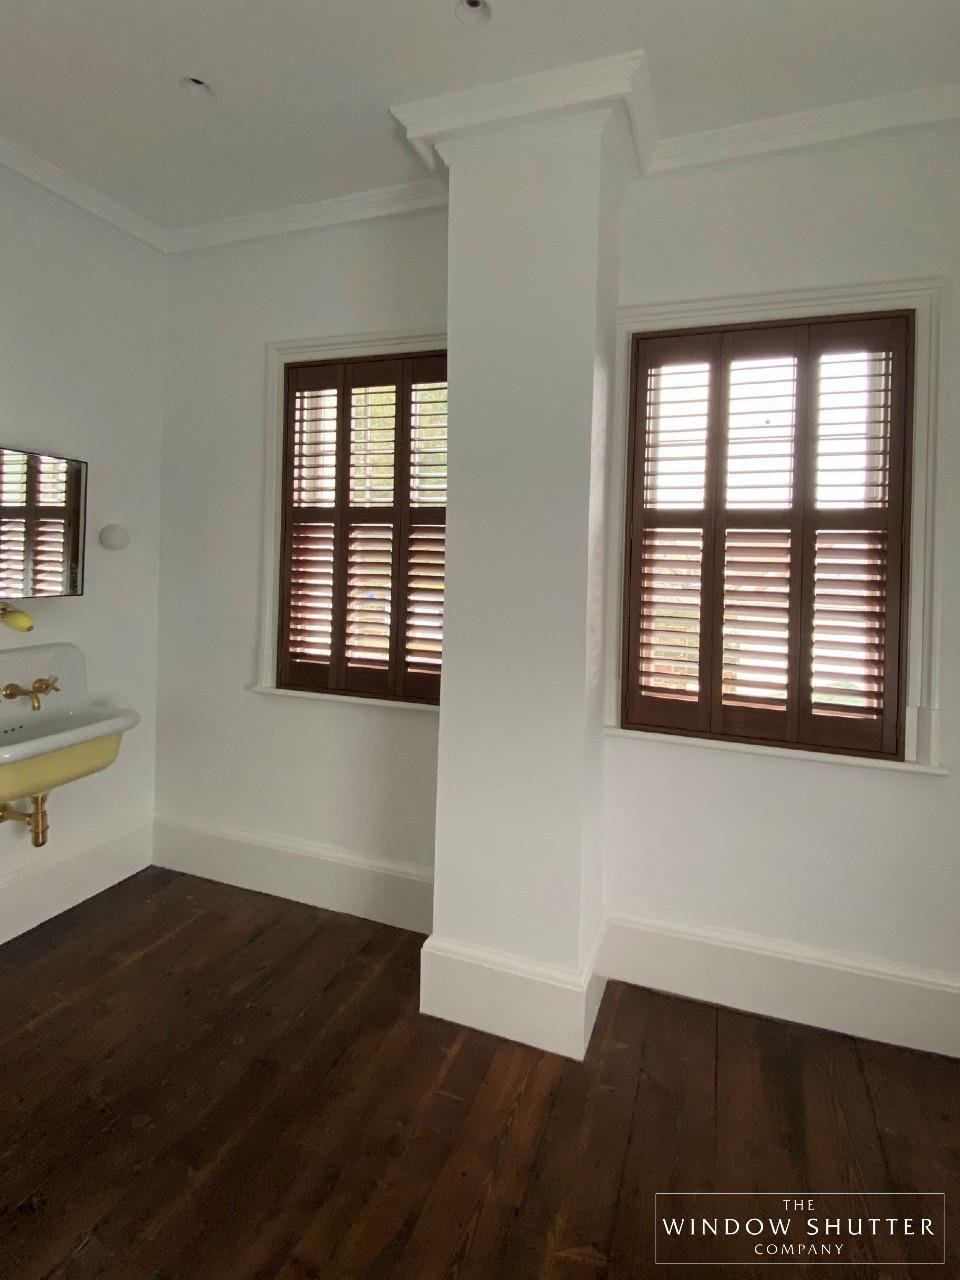 Full height shutters, hardwood